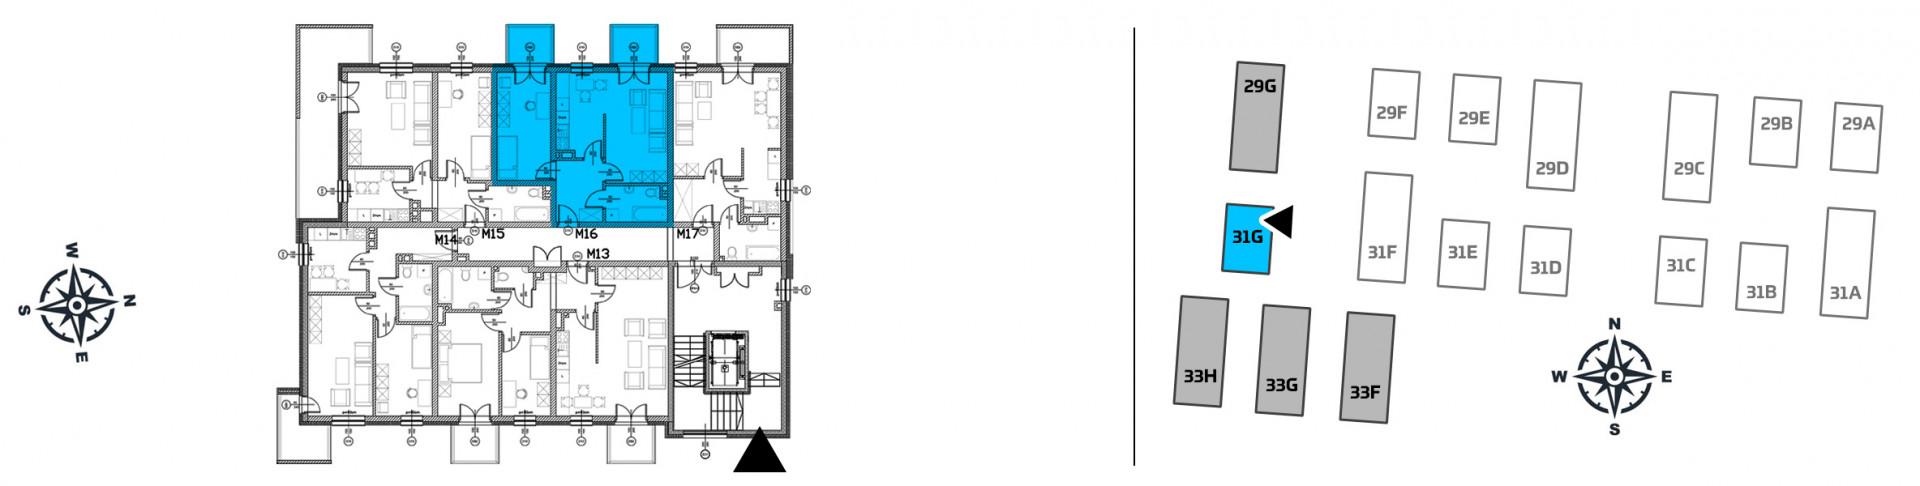 Mieszkanie dwupokojowe 31G/16 rzut 2